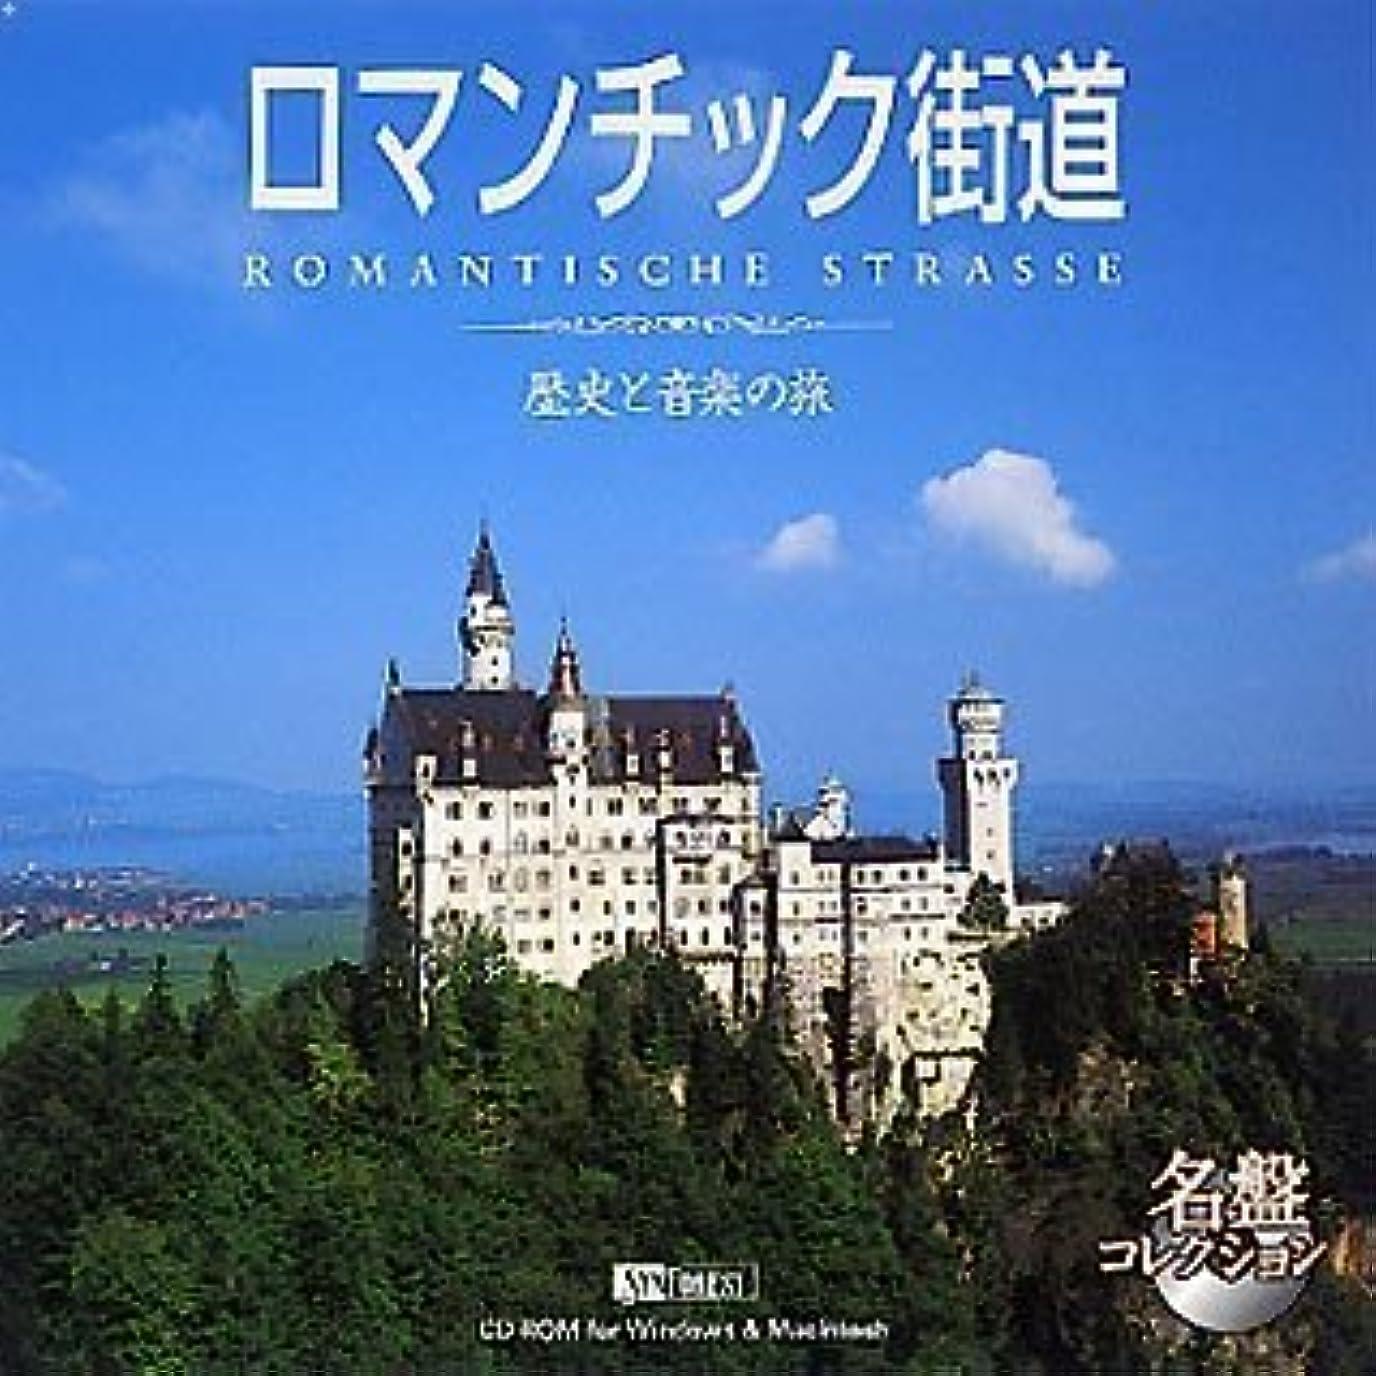 エラーモルヒネ校長名盤コレクション ロマンチック街道 ~歴史と音楽の旅~